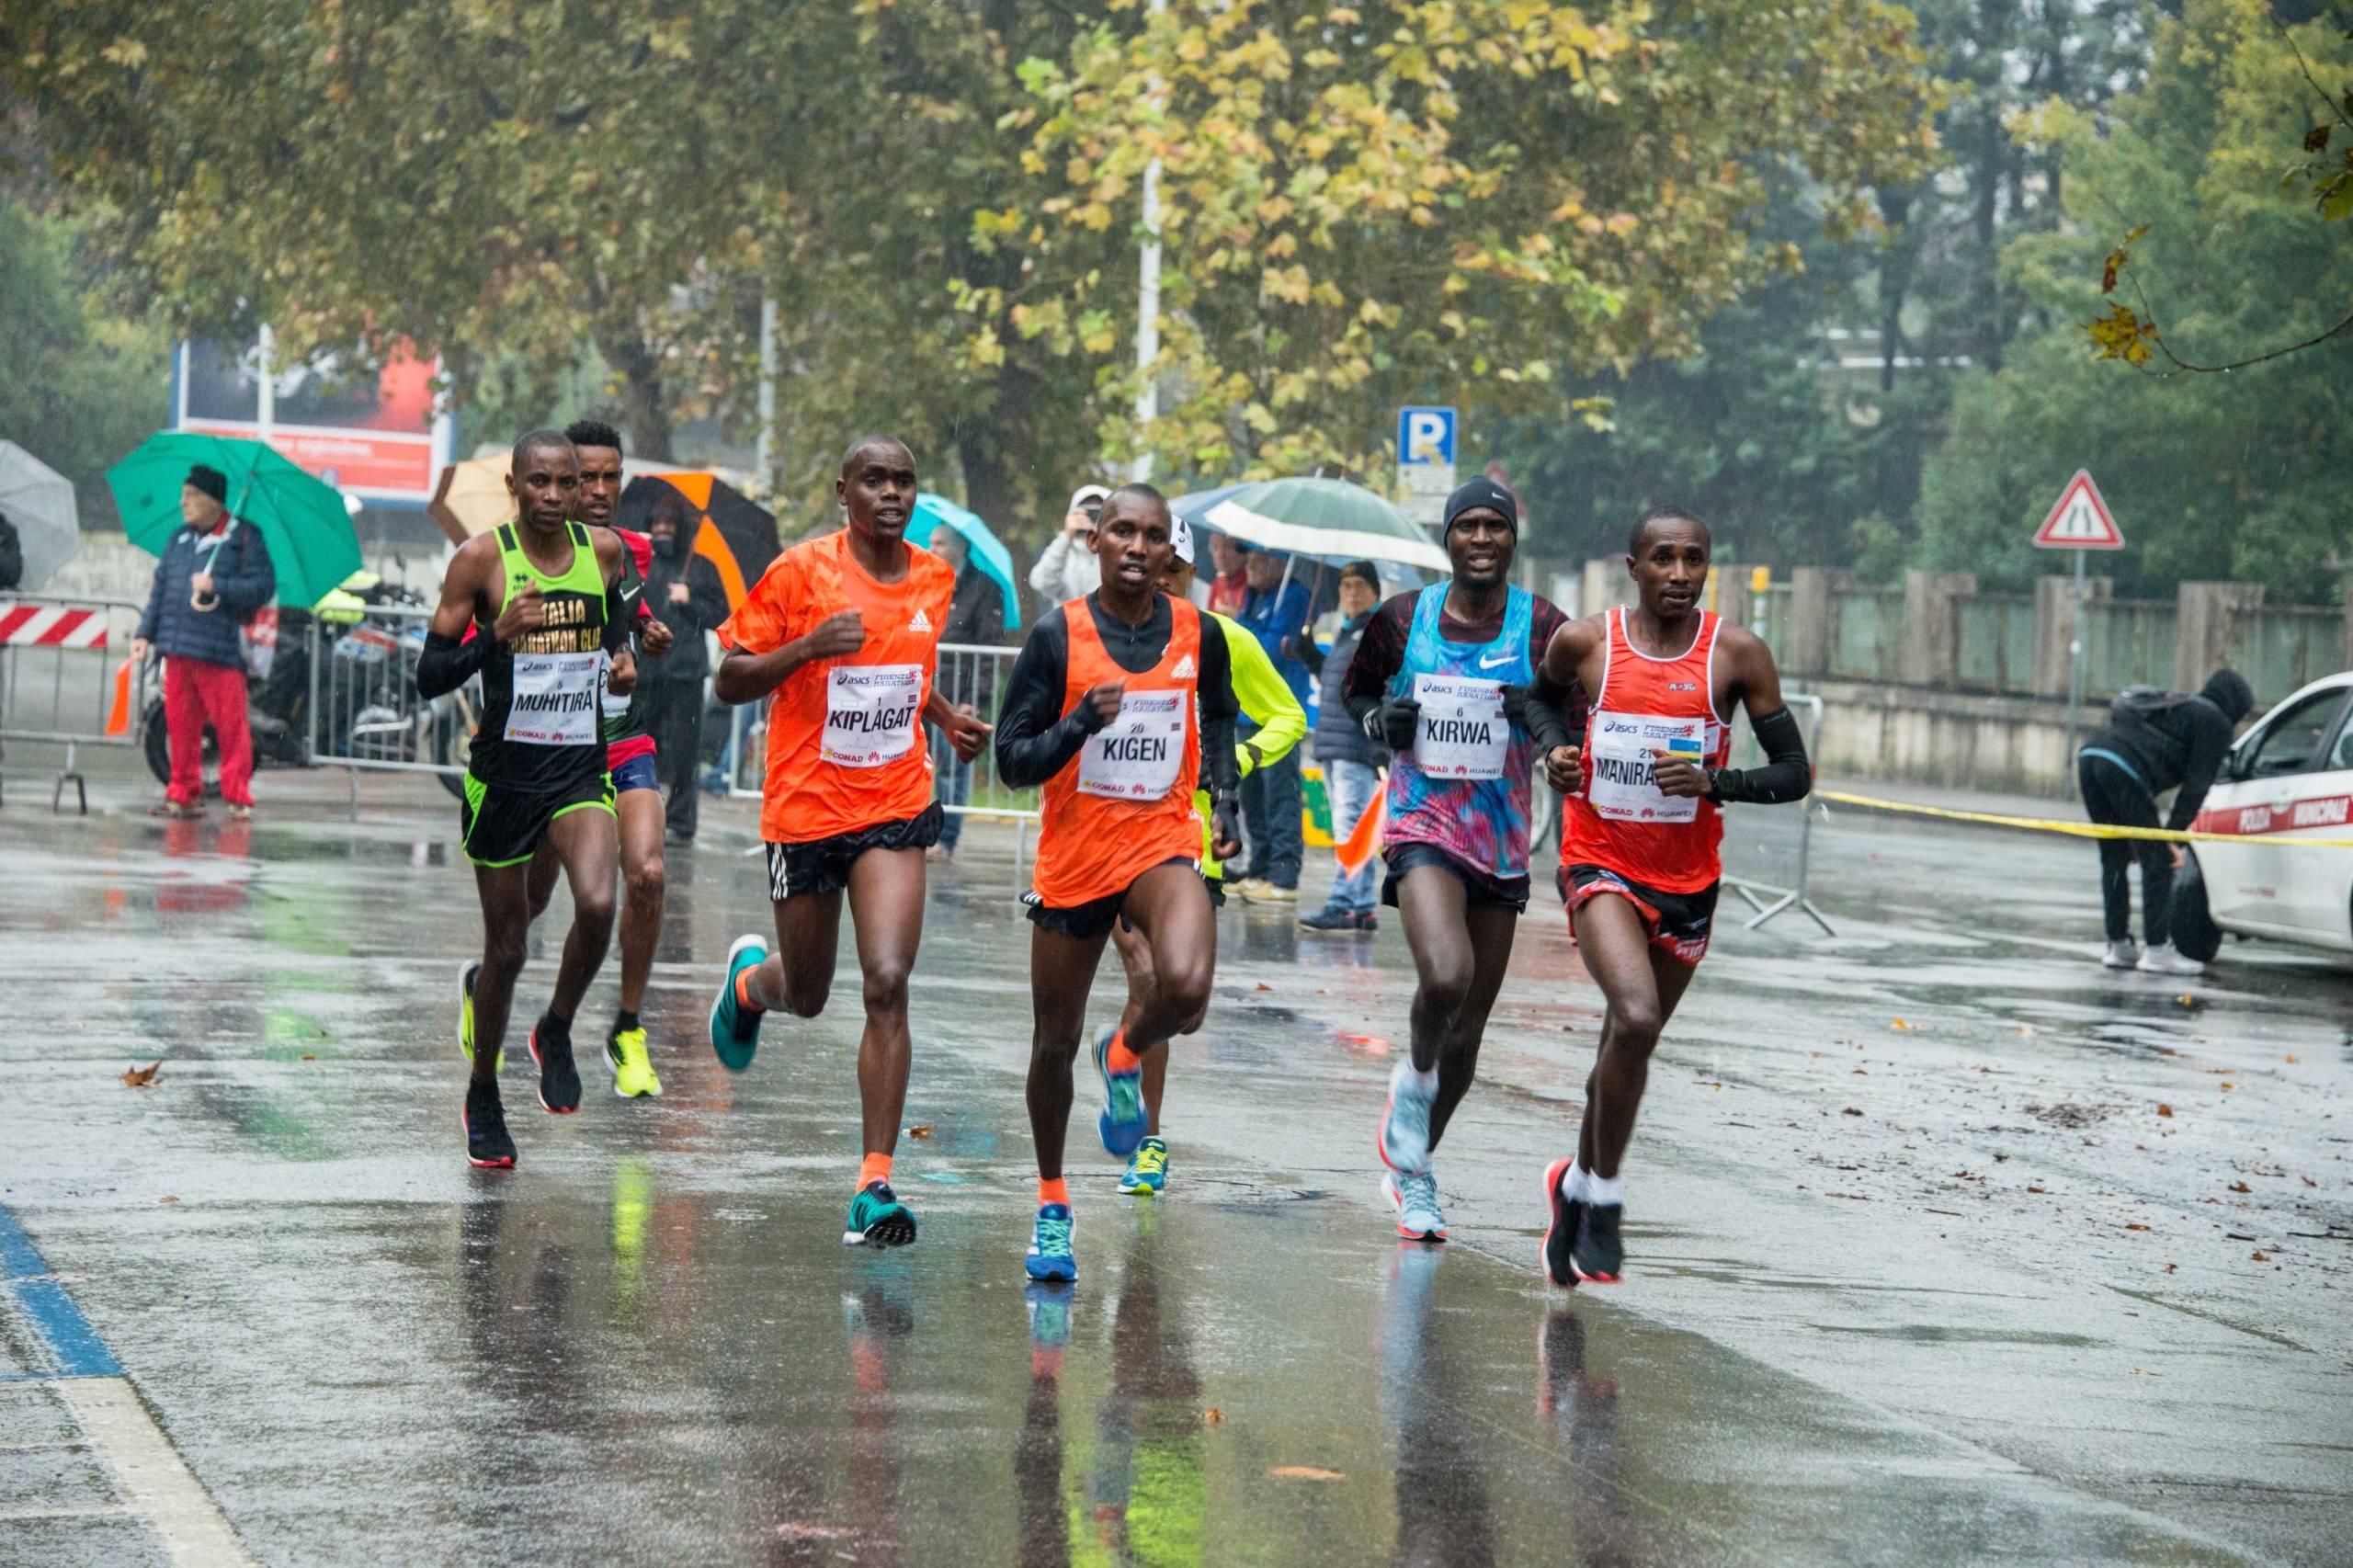 Atleti sotto la pioggia huawei marathons